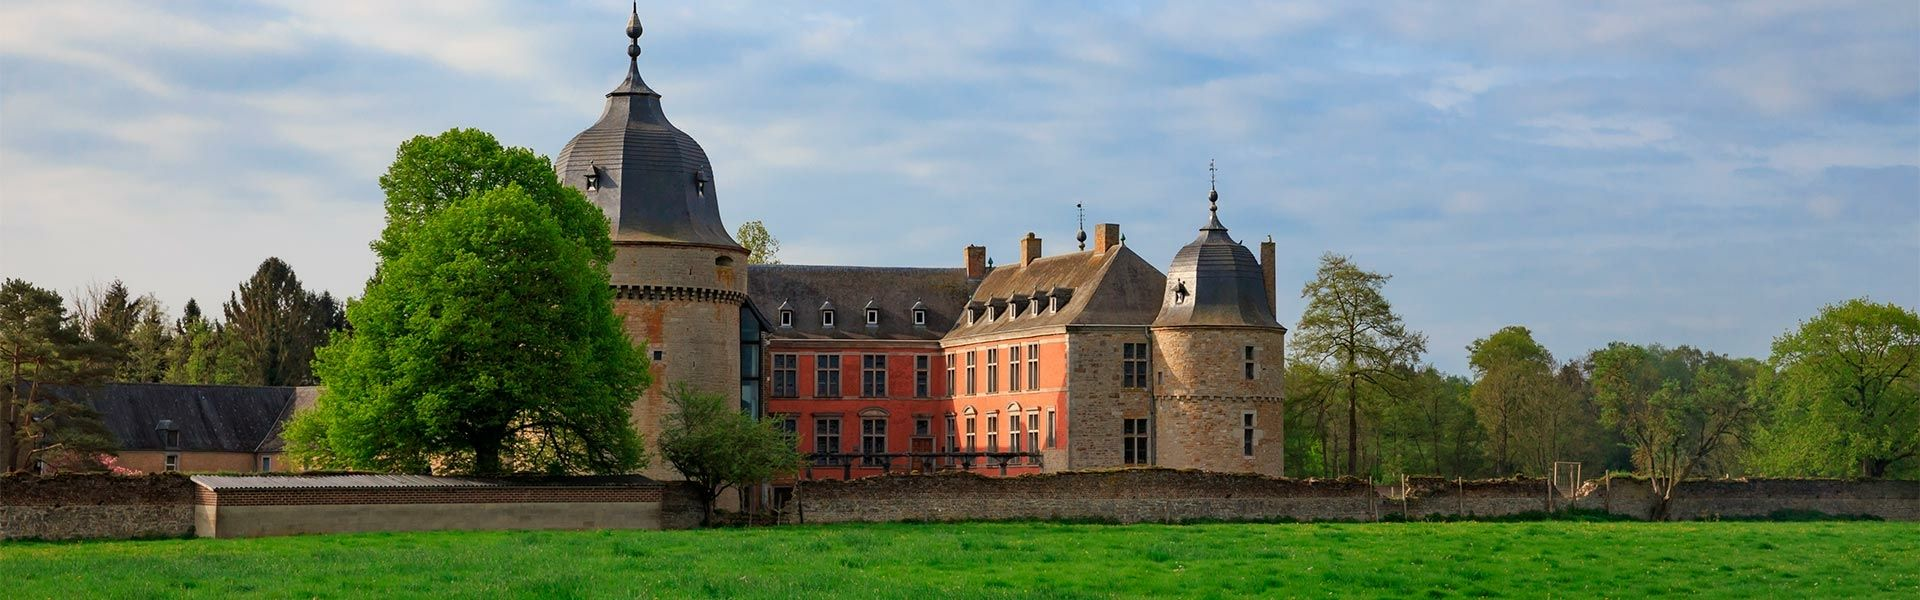 Camping Rochefort (Belgium)